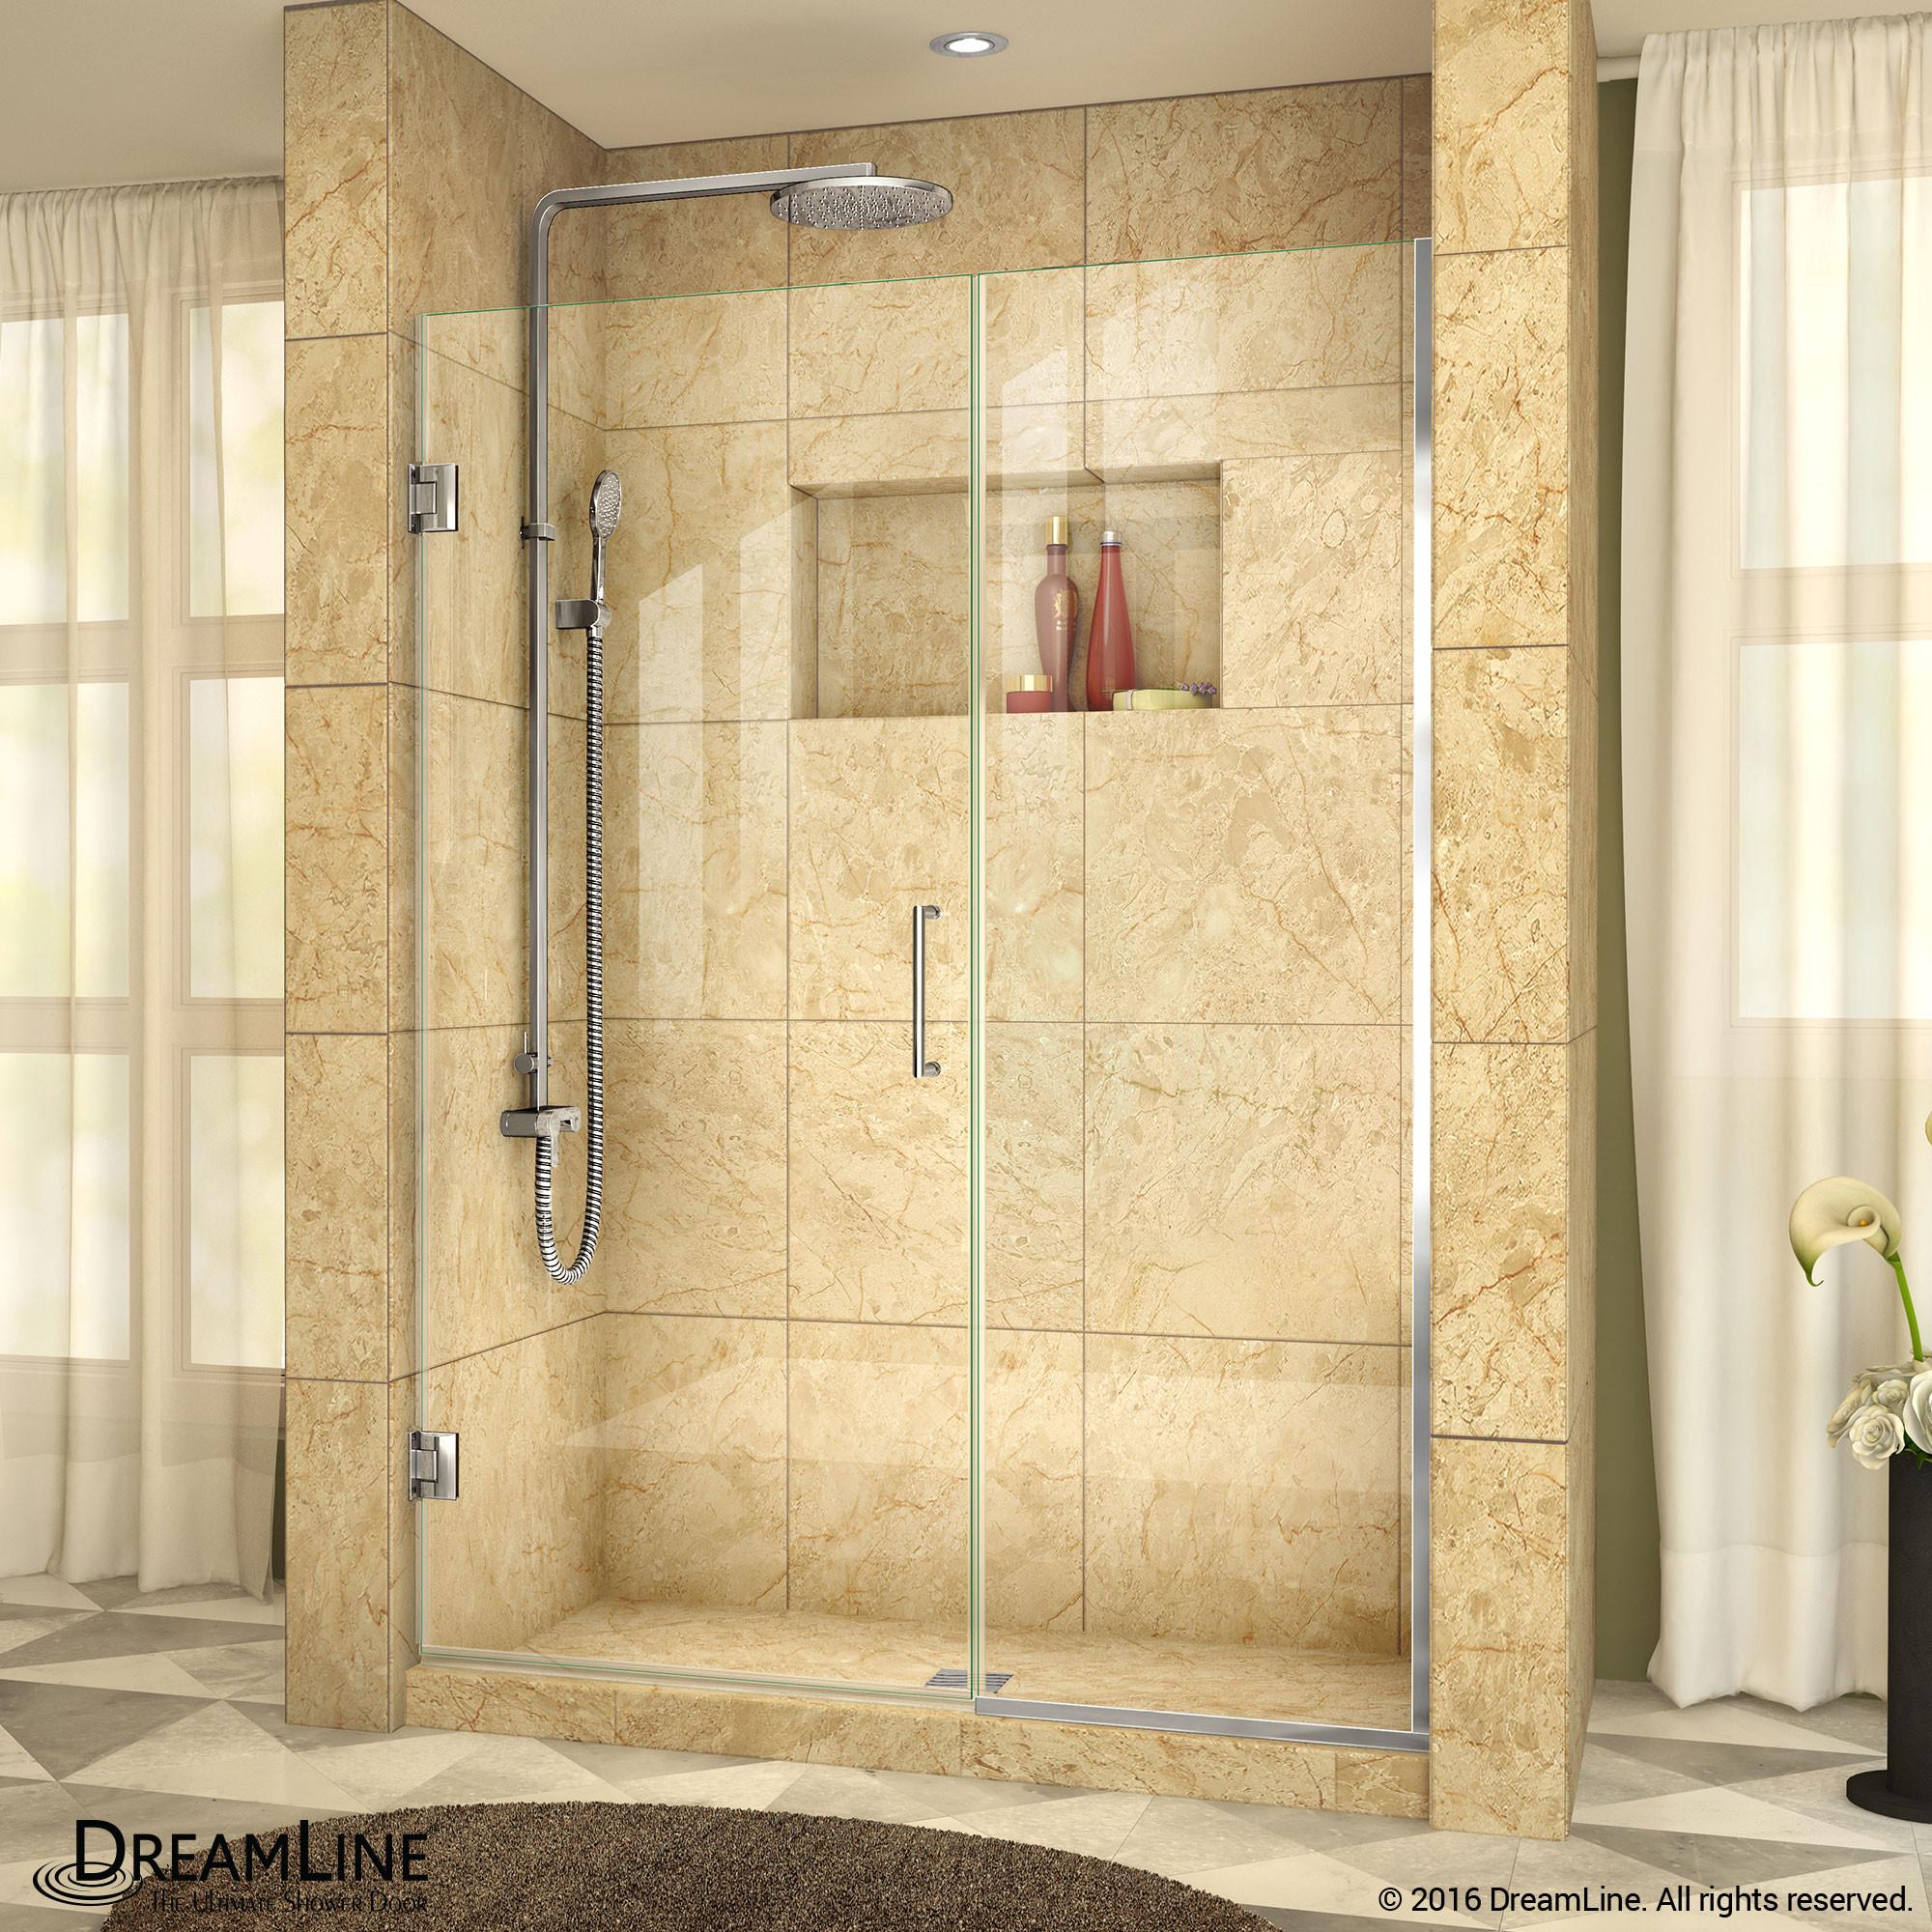 DreamLine SHDR-245157210-01 Unidoor Plus Min 51-1/2 in. Hinged Shower Door In Chrome Hardware